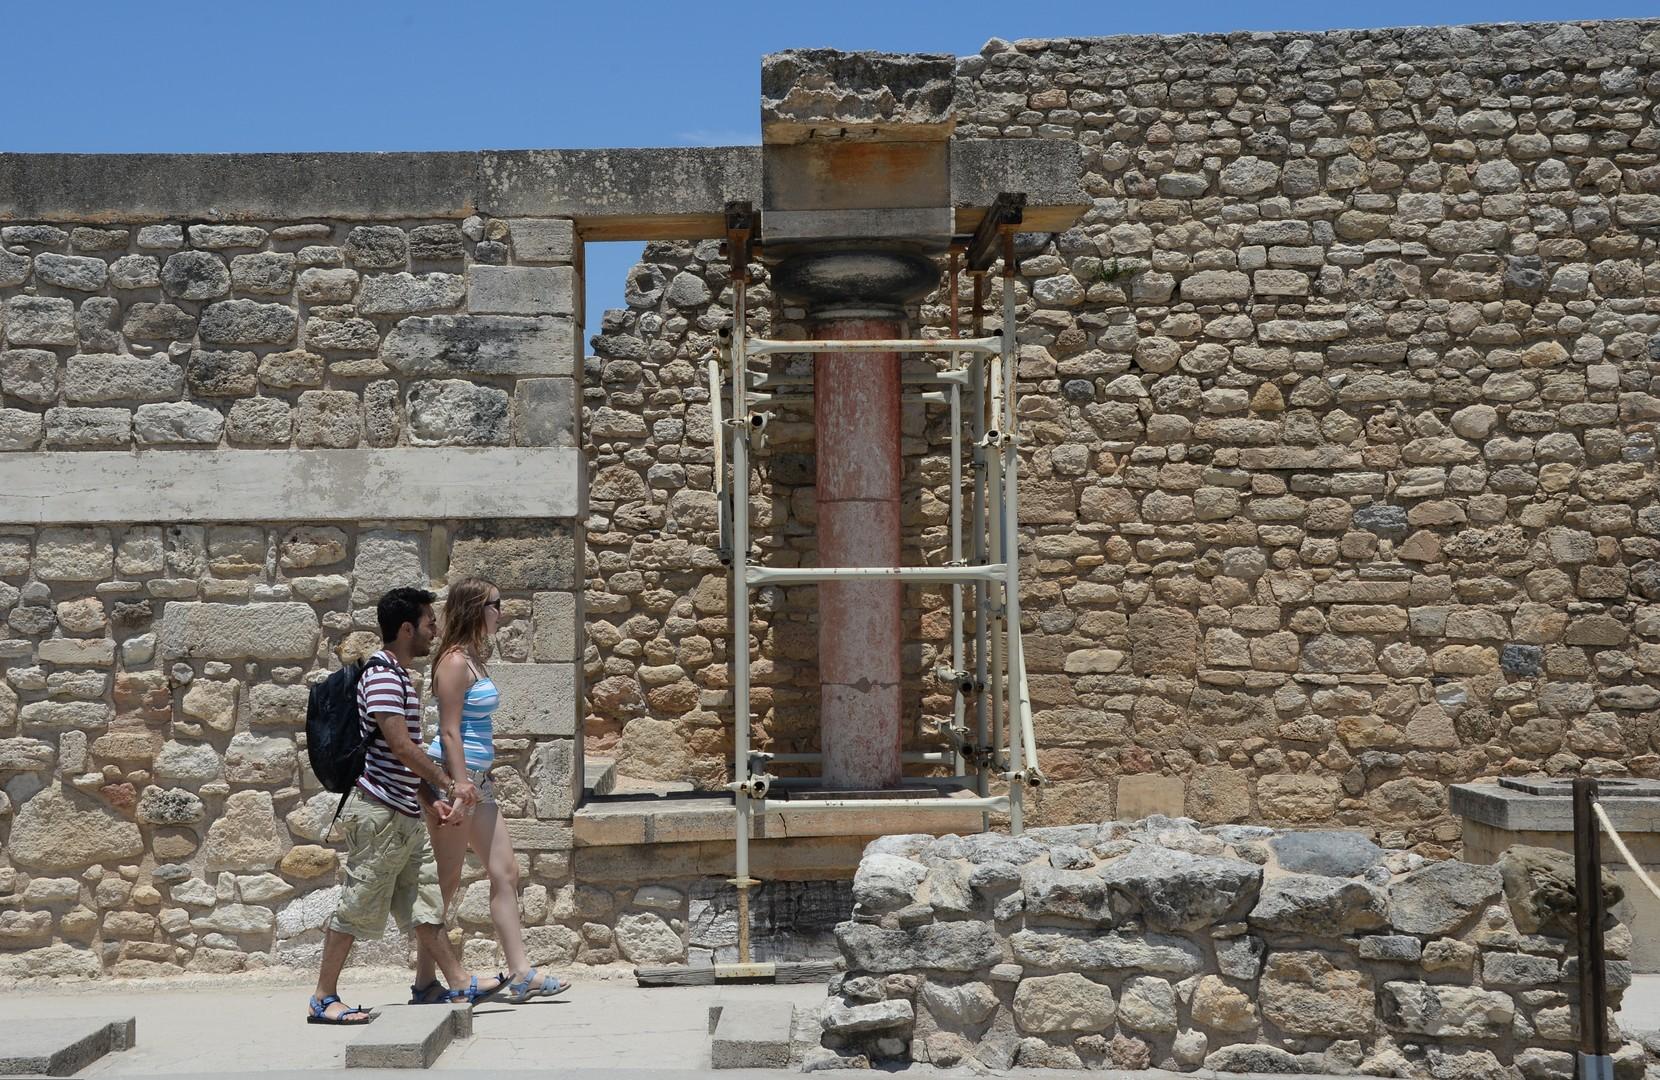 Российские туристы. По данным Ассоциации туроператоров России, по итогам начала 2016 года турпоток из РФ в Грецию увеличился на 135% по сравнению с аналогичным периодом прошлого года.